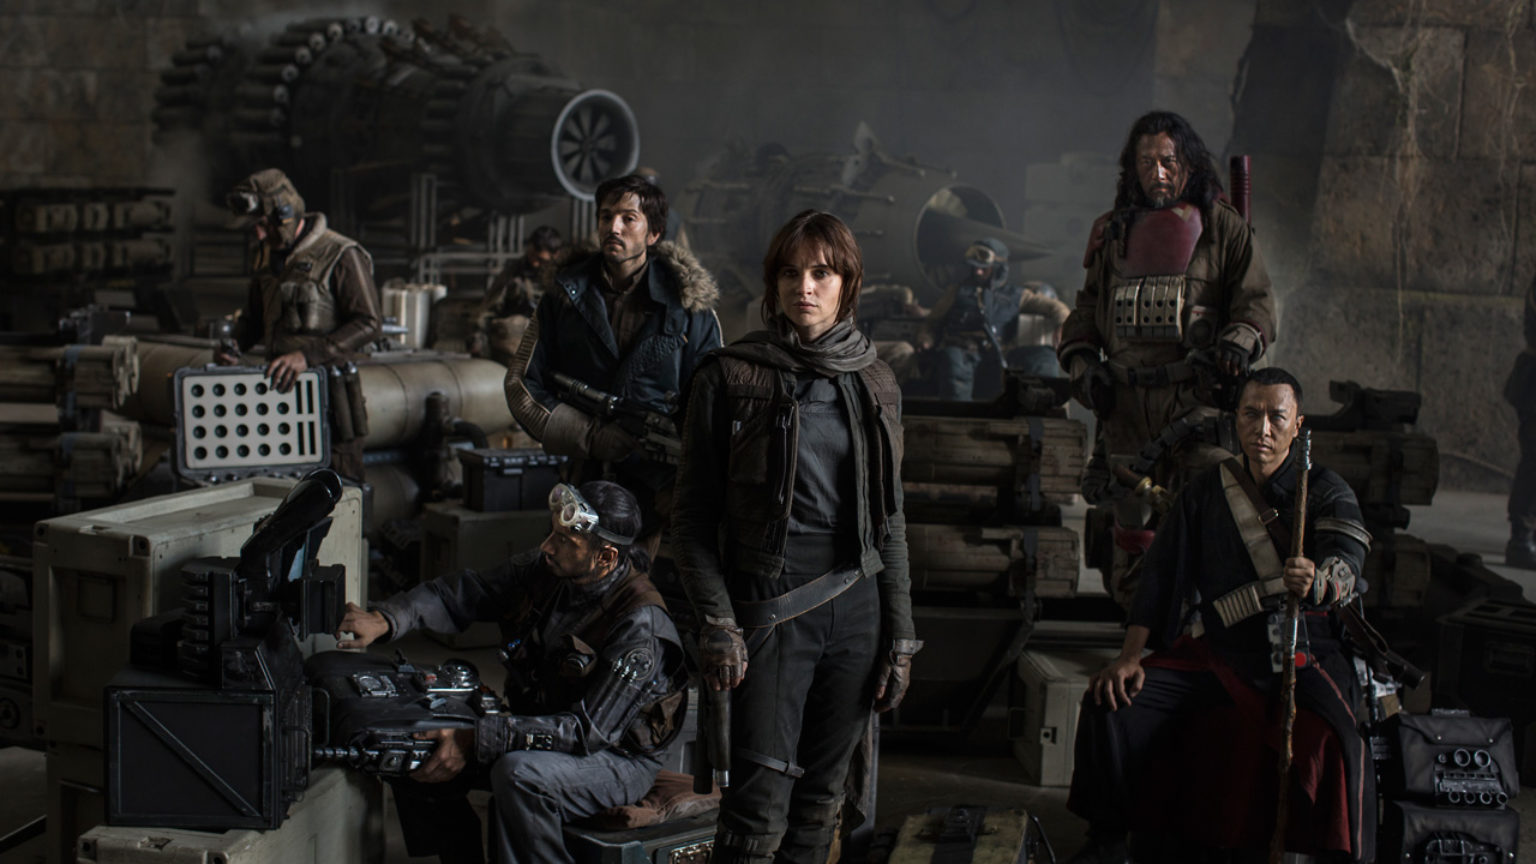 Så här sammanbitna var rebellerna i Rogue One, innan de ens fått uppleva att det fanns hopp. Foto: Walt Disney Studios Motion Pictures.